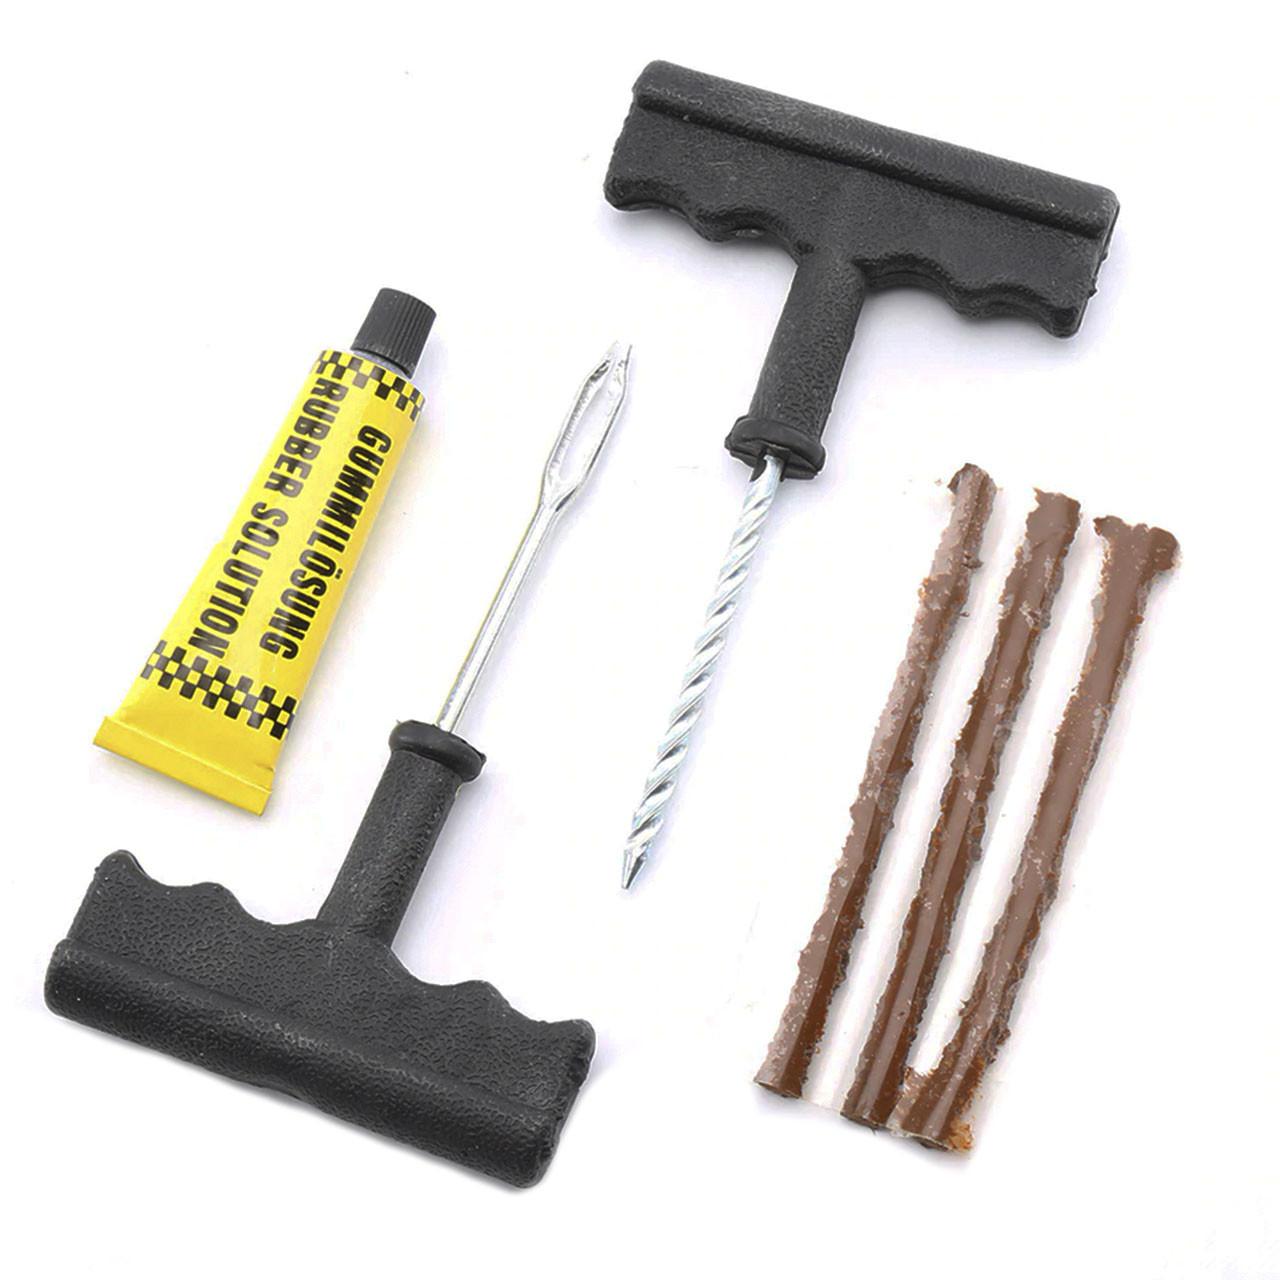 ➢Ремкомплект Lesko для бескамерных покрышек и ремонта шин ремонтный набор для автомобилиста машин